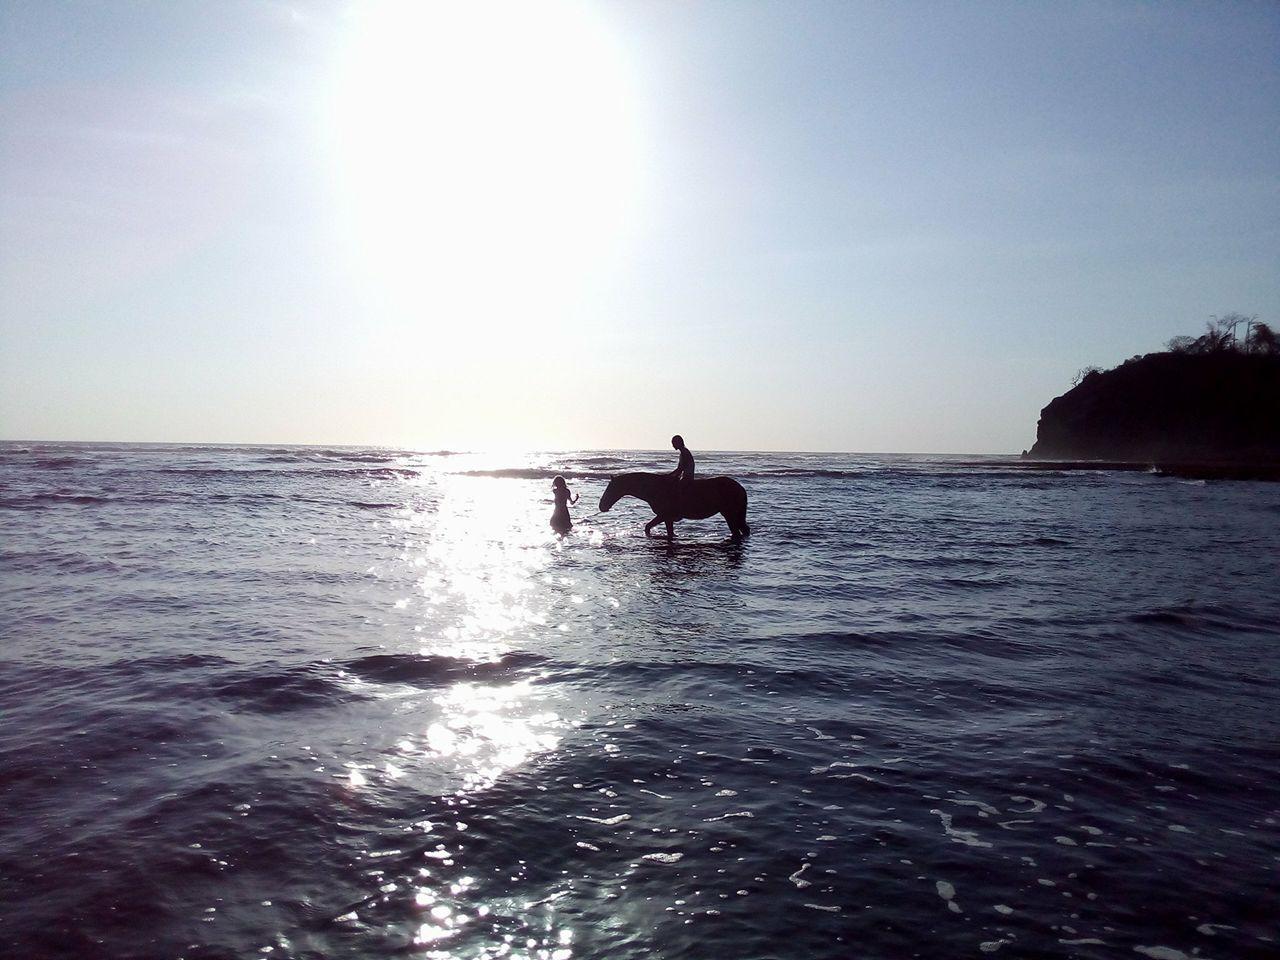 コスタリカの合言葉は、Pura Vida! 心をやわらかく丸くして、今ここを生きよう!というようなニュアンスです。